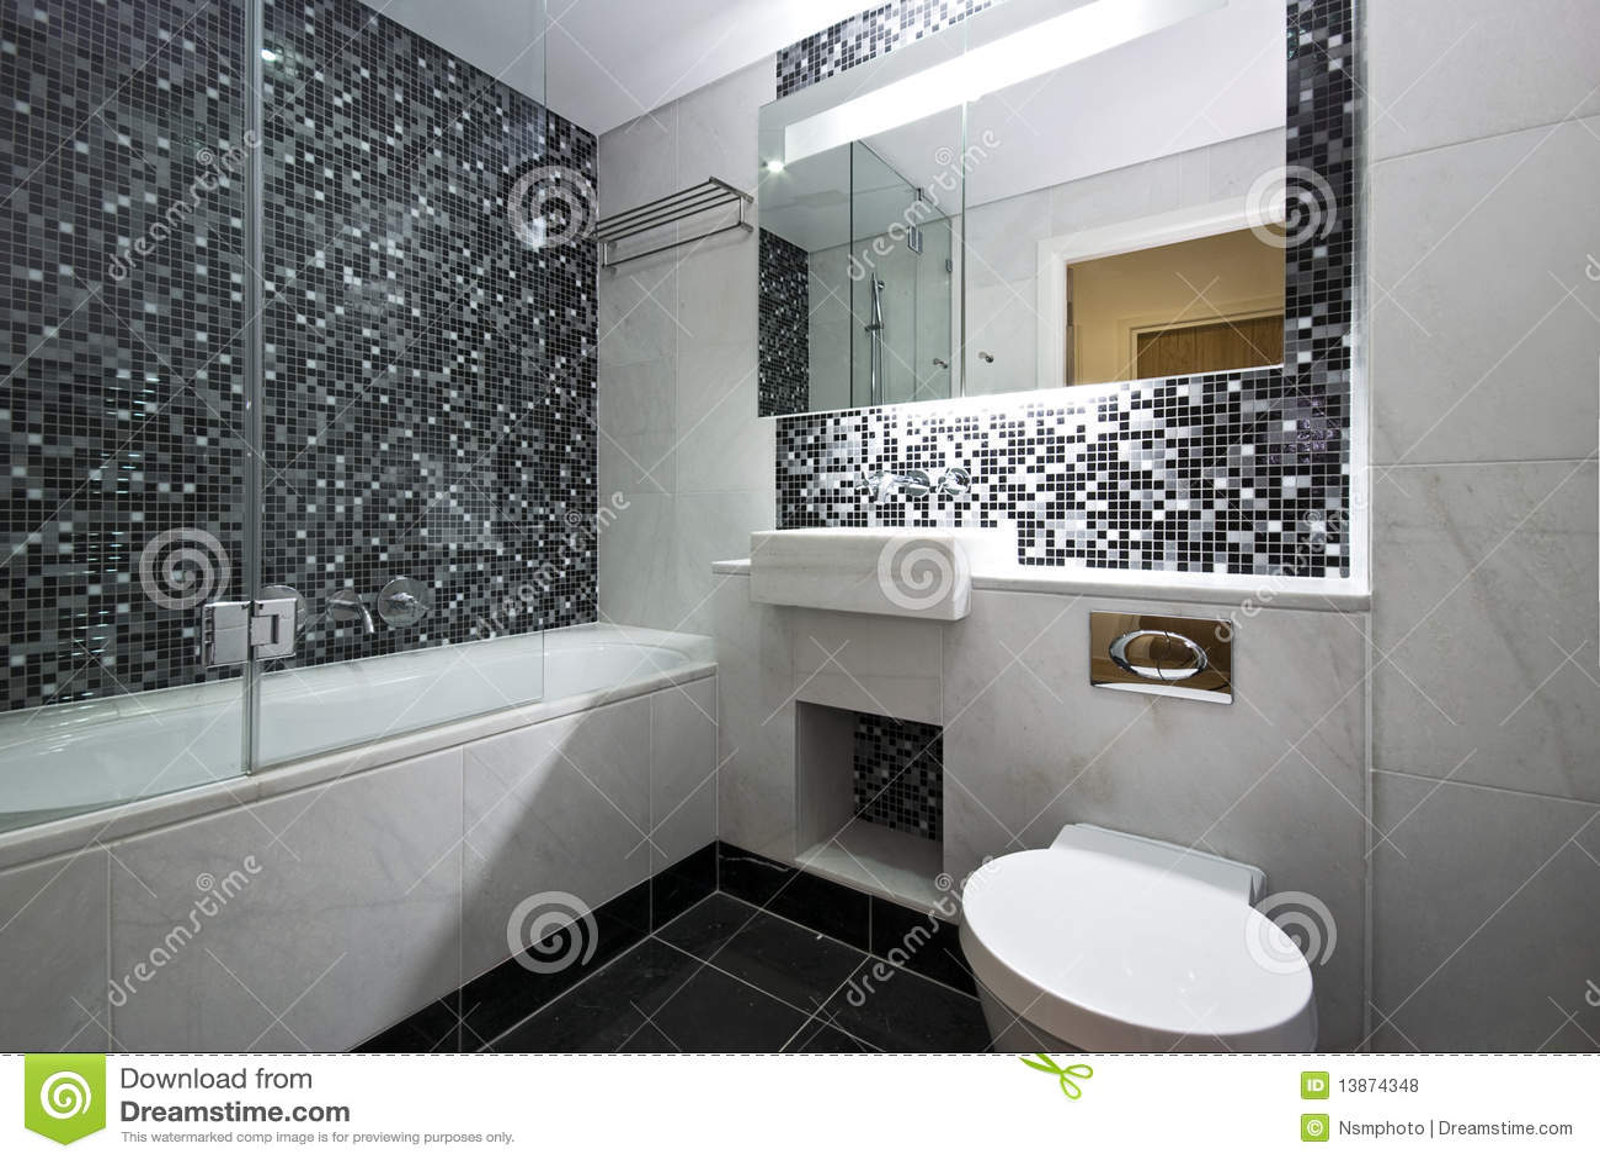 Bagno Con Mosaico Bianco bagni colorati. m residence picture gallery. stanza da bagno